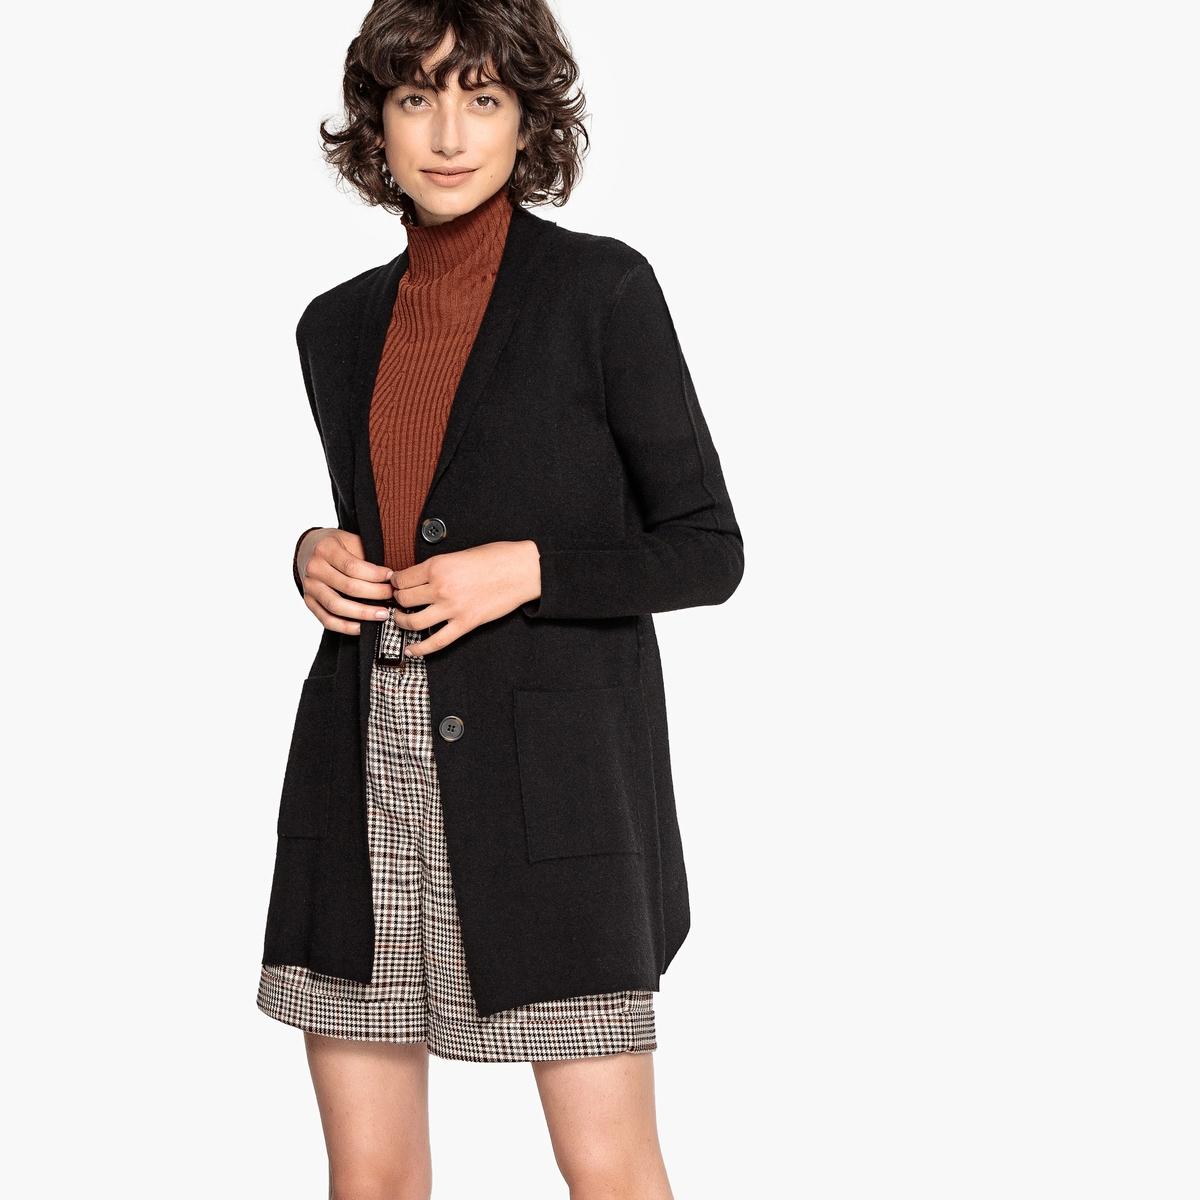 Кардиган с поясом из плотного трикотажа пуловер из плотного трикотажа с v образным вырезом